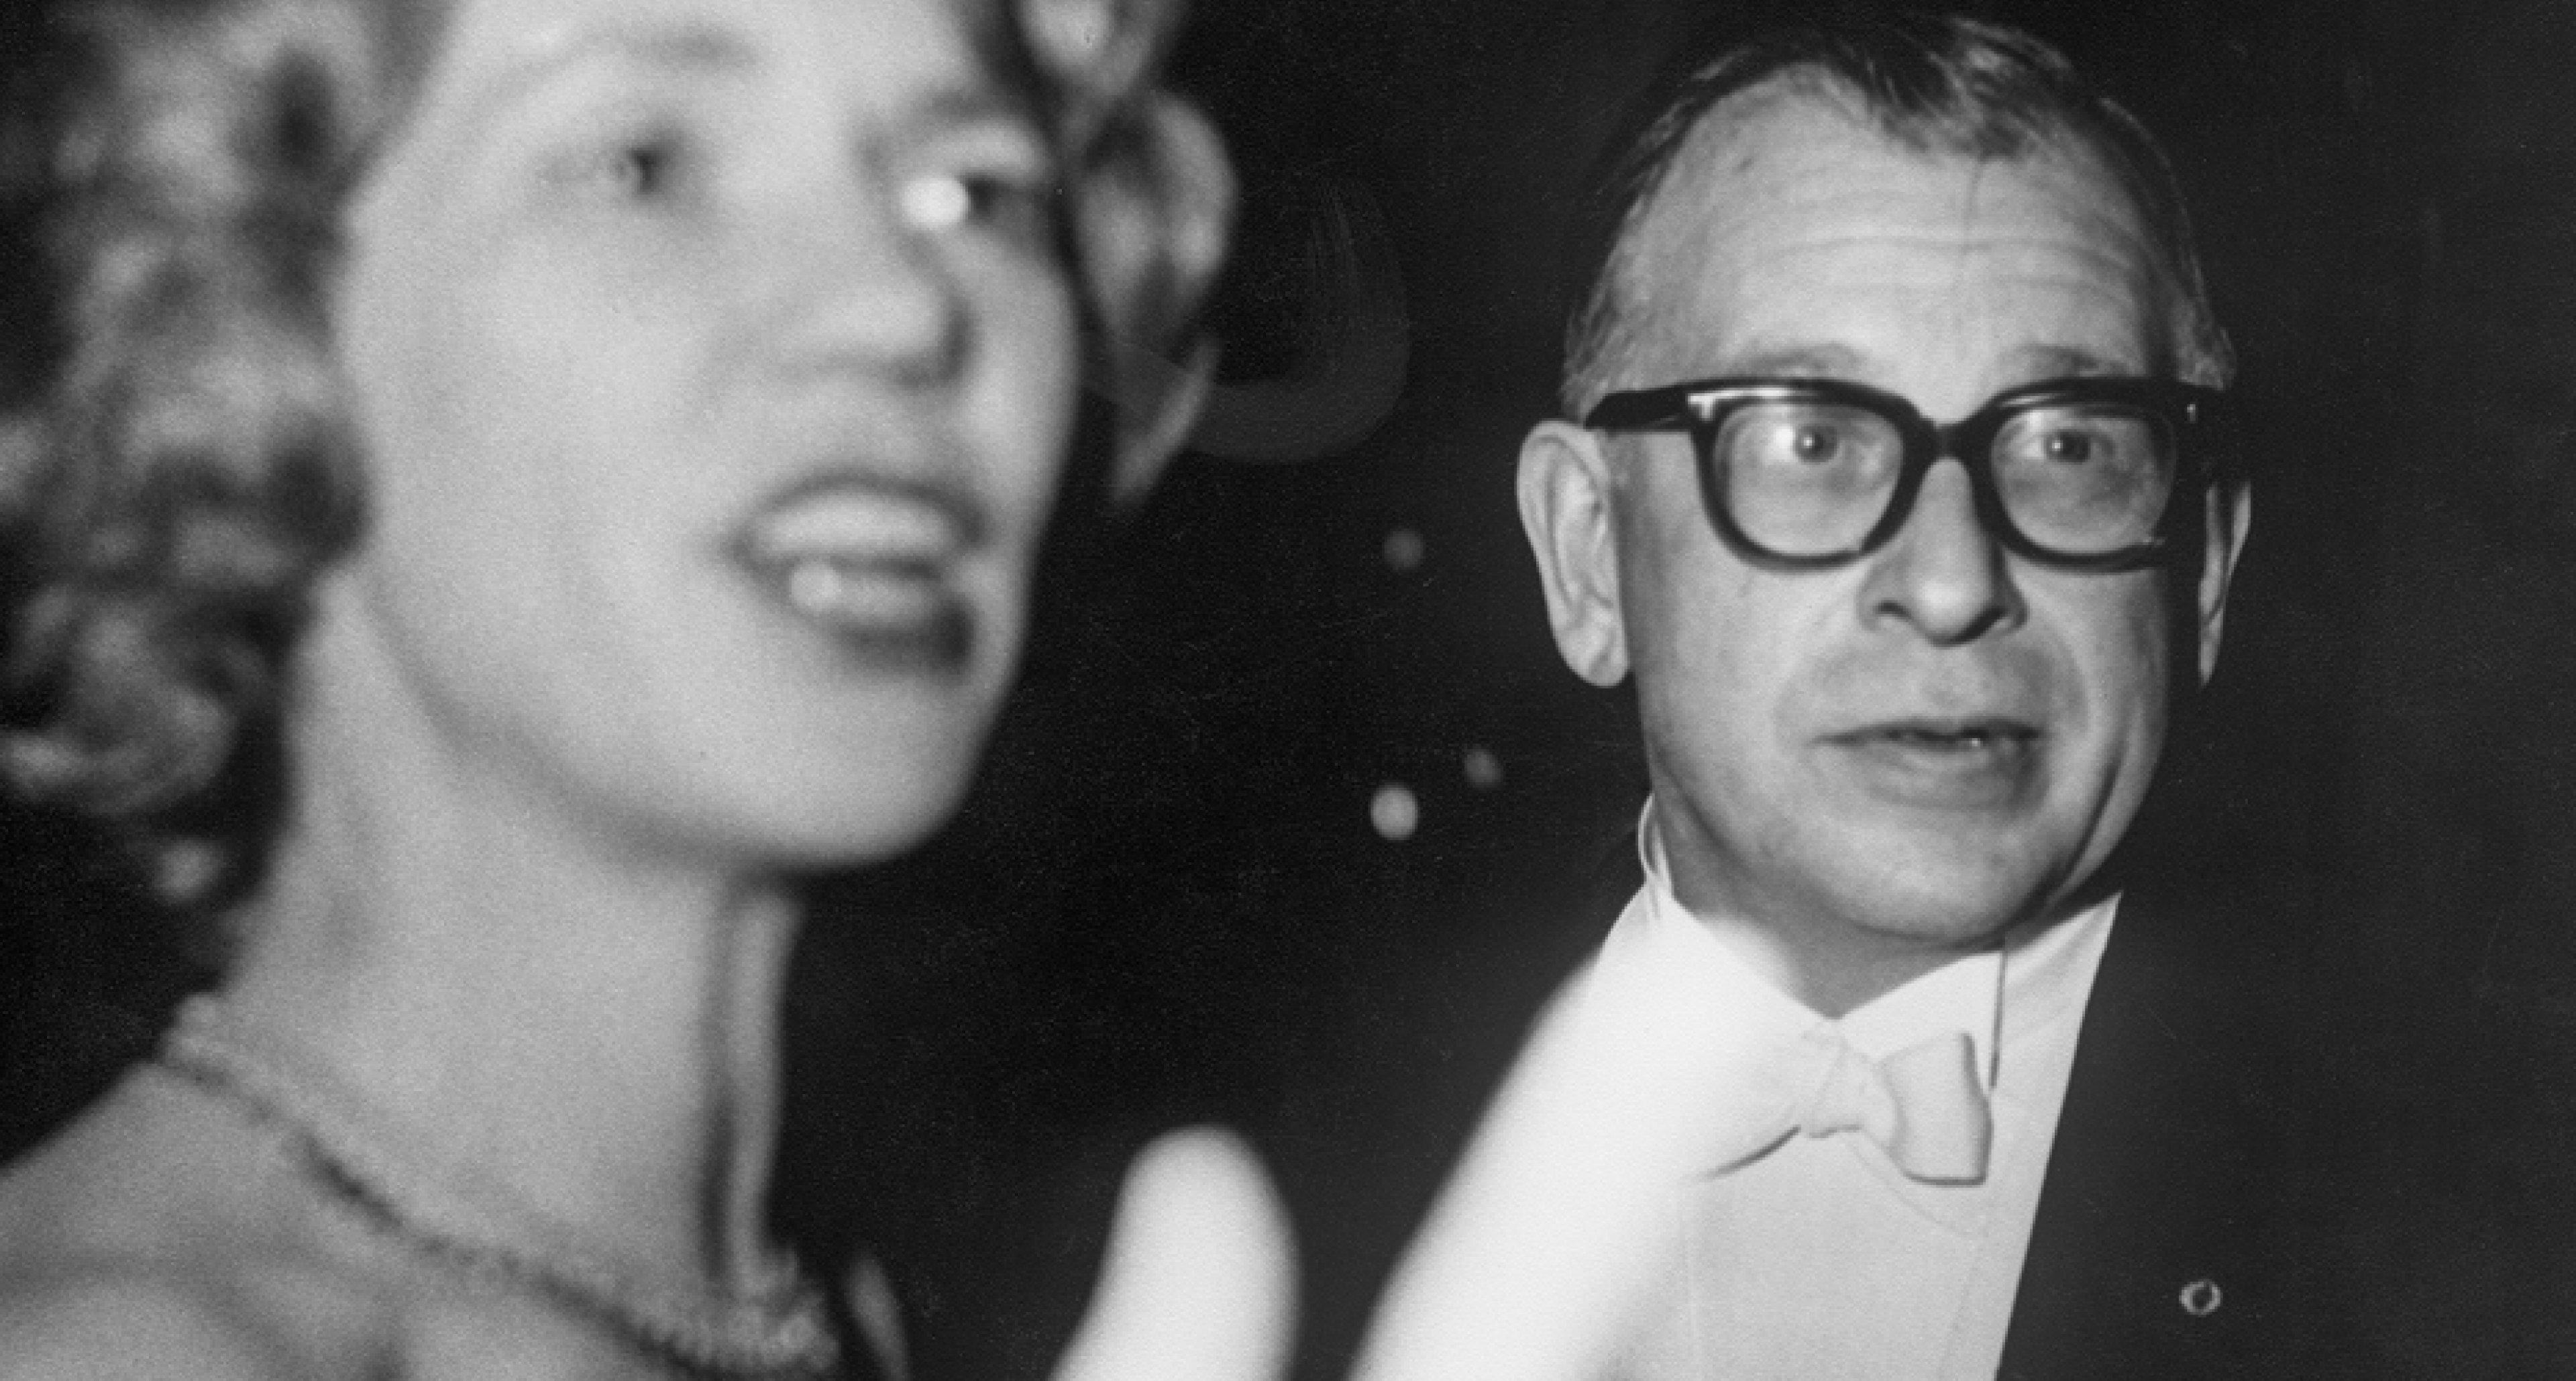 Eero Saarinen findet in Aline B. Louchheim eine Ehefrau, die ihn bei seinen grossen beruflichen Ambitionen unterstützen kann. Sie wird die Kommunikationsverantwortliche bei ES&A. © Bernice Clark, Joe Clark (HBSS Studio)/Eero Saarinen Collection (MS 593).